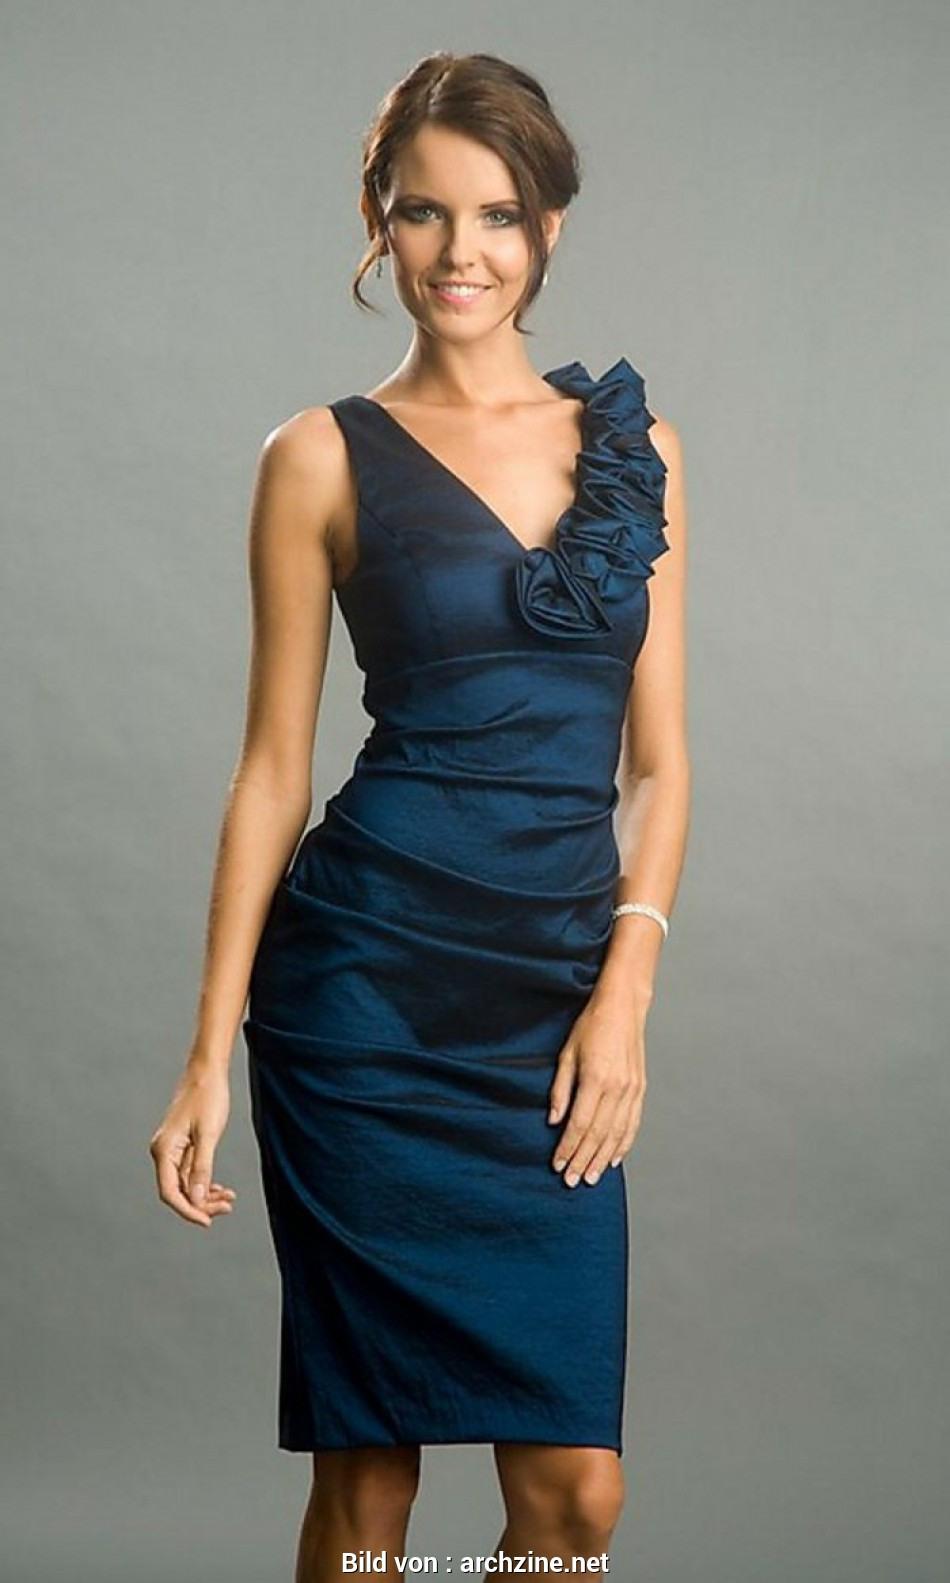 Abend Elegant Kleid Blau Elegant Galerie13 Cool Kleid Blau Elegant Ärmel